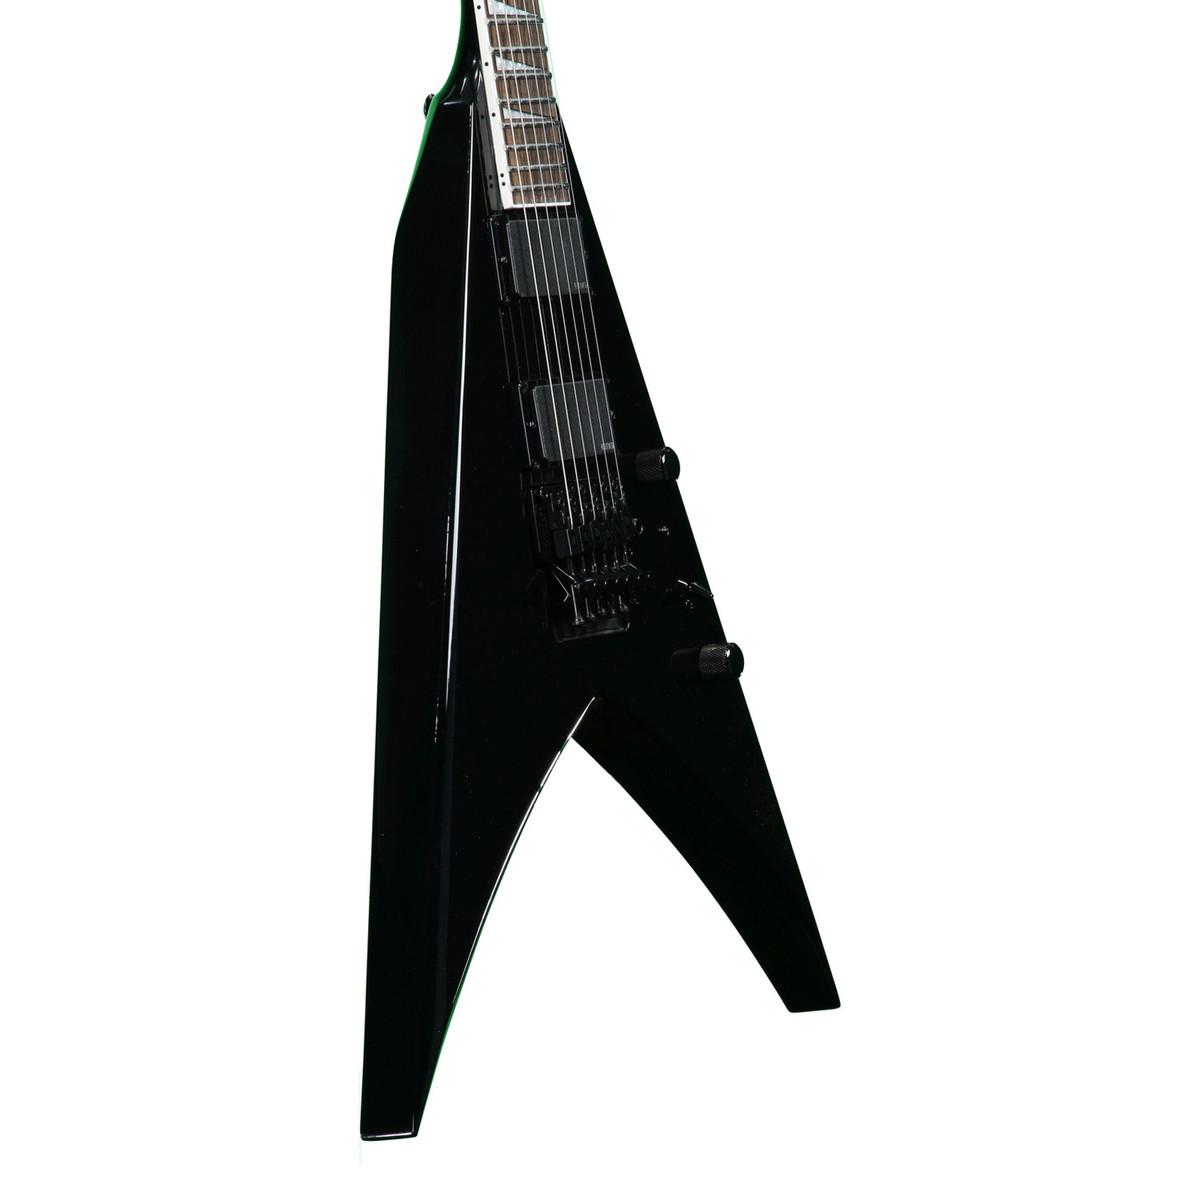 jackson kvxmg x series king v electric guitar black at. Black Bedroom Furniture Sets. Home Design Ideas